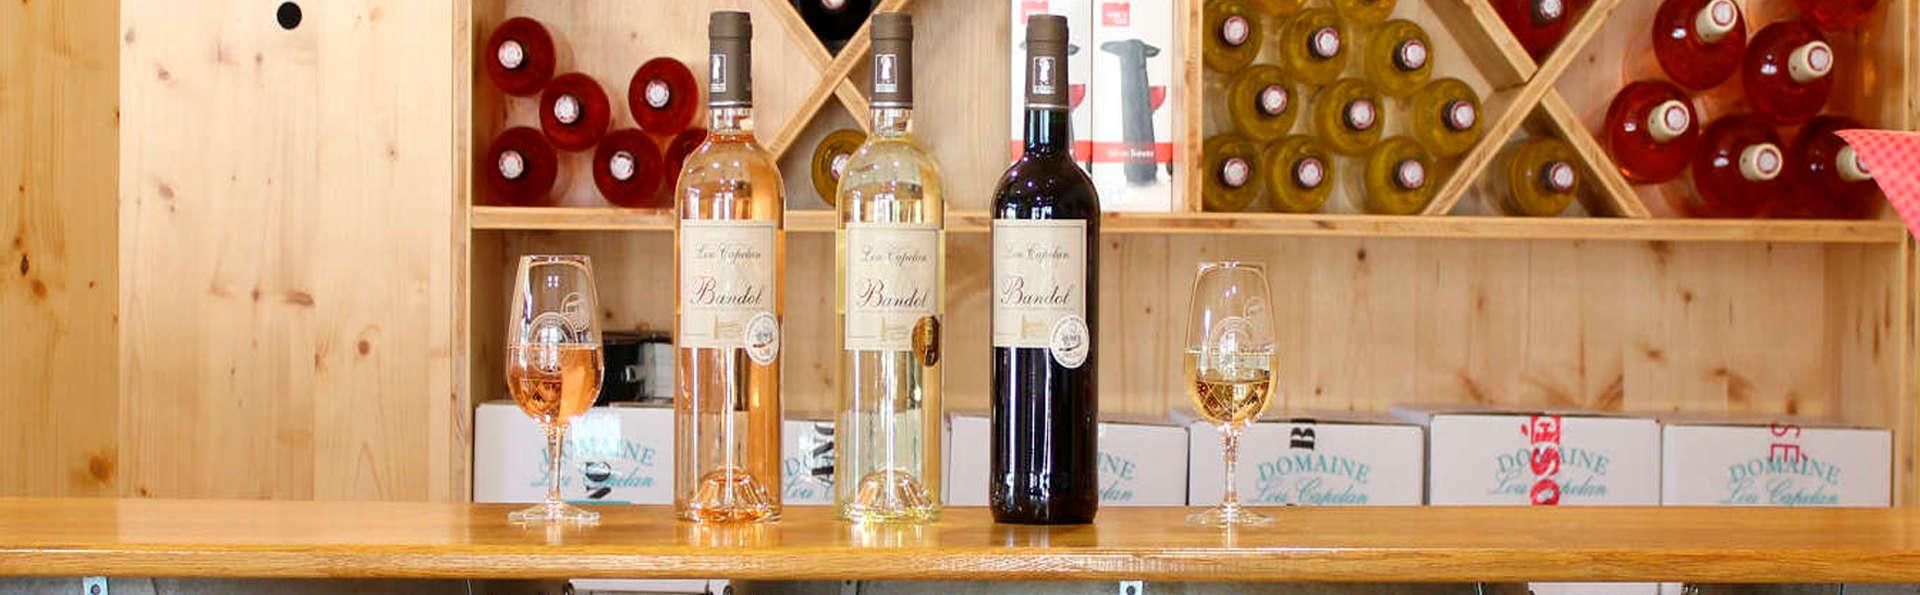 Week-end hors du temps à Saint-Cyr-sur-Mer avec dégustation de vin